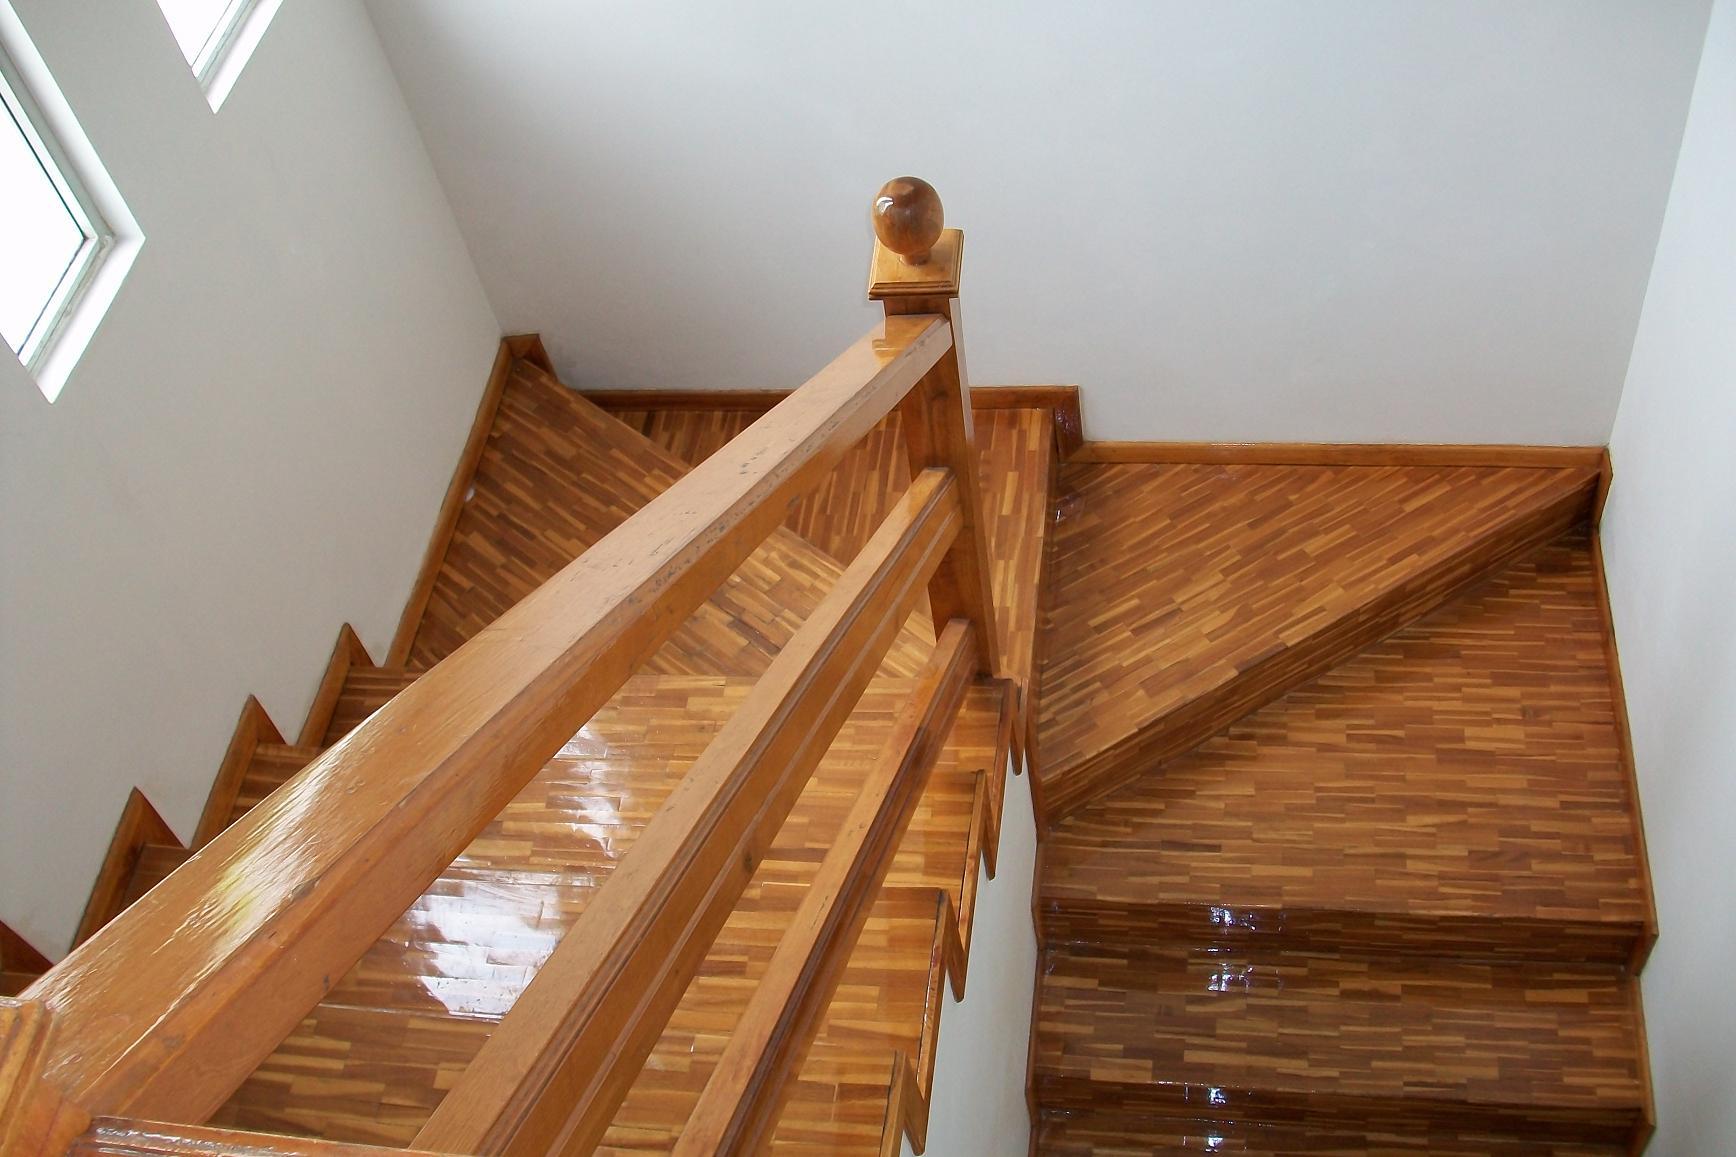 Fotos Escaleras Iluminadas Escaleras Muy Iluminadas de